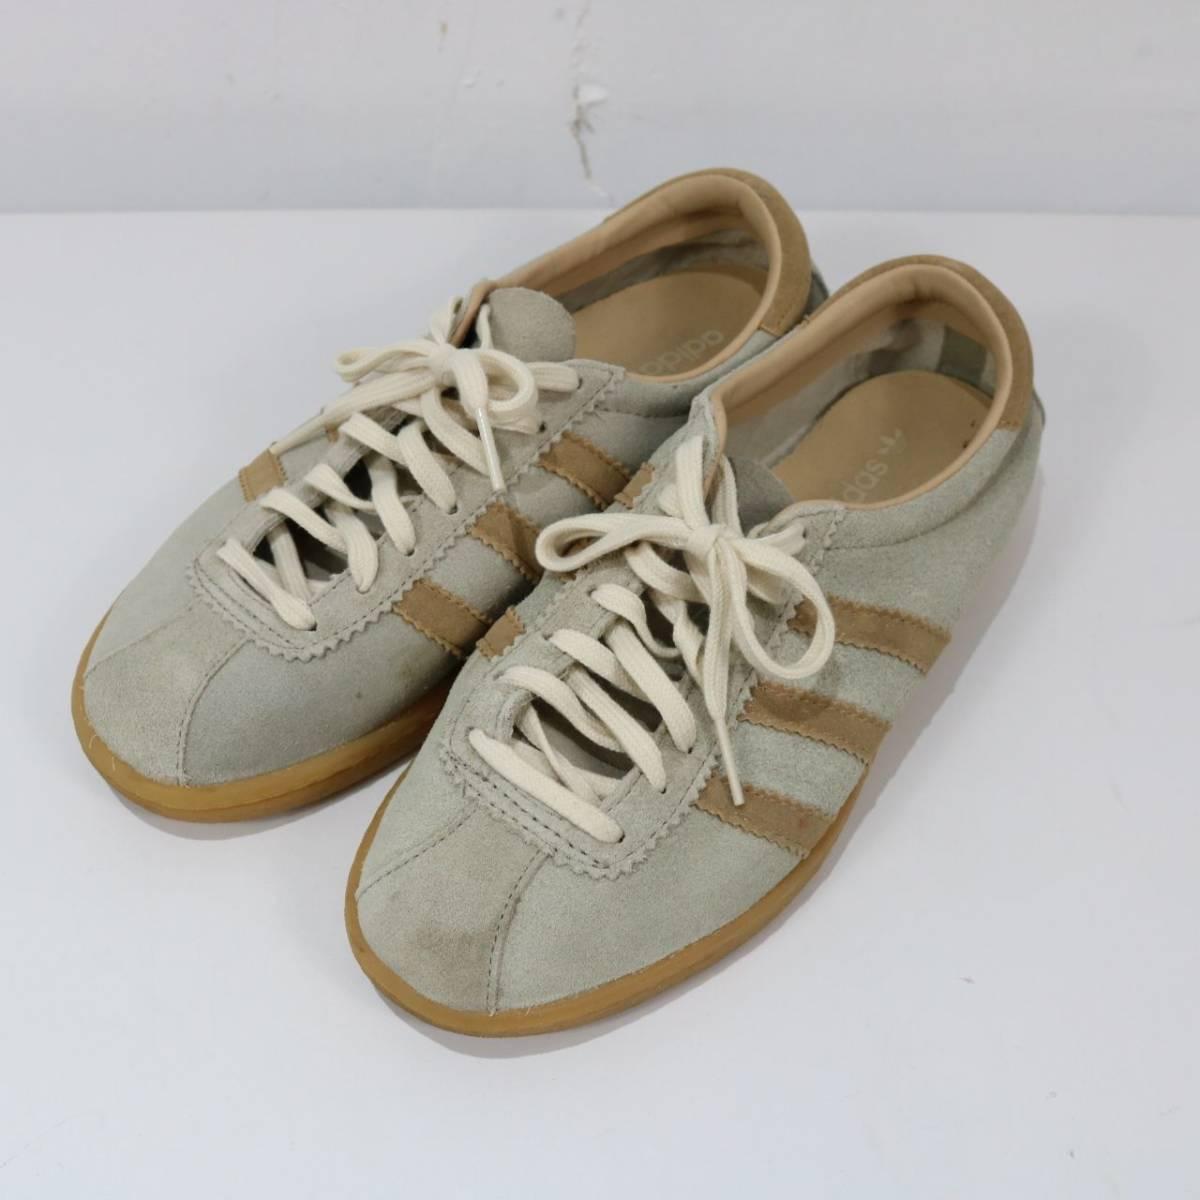 レディース靴, スニーカー adidas Originals RIVEA 23cm TOBACCO I522012-P-266034b1124354d